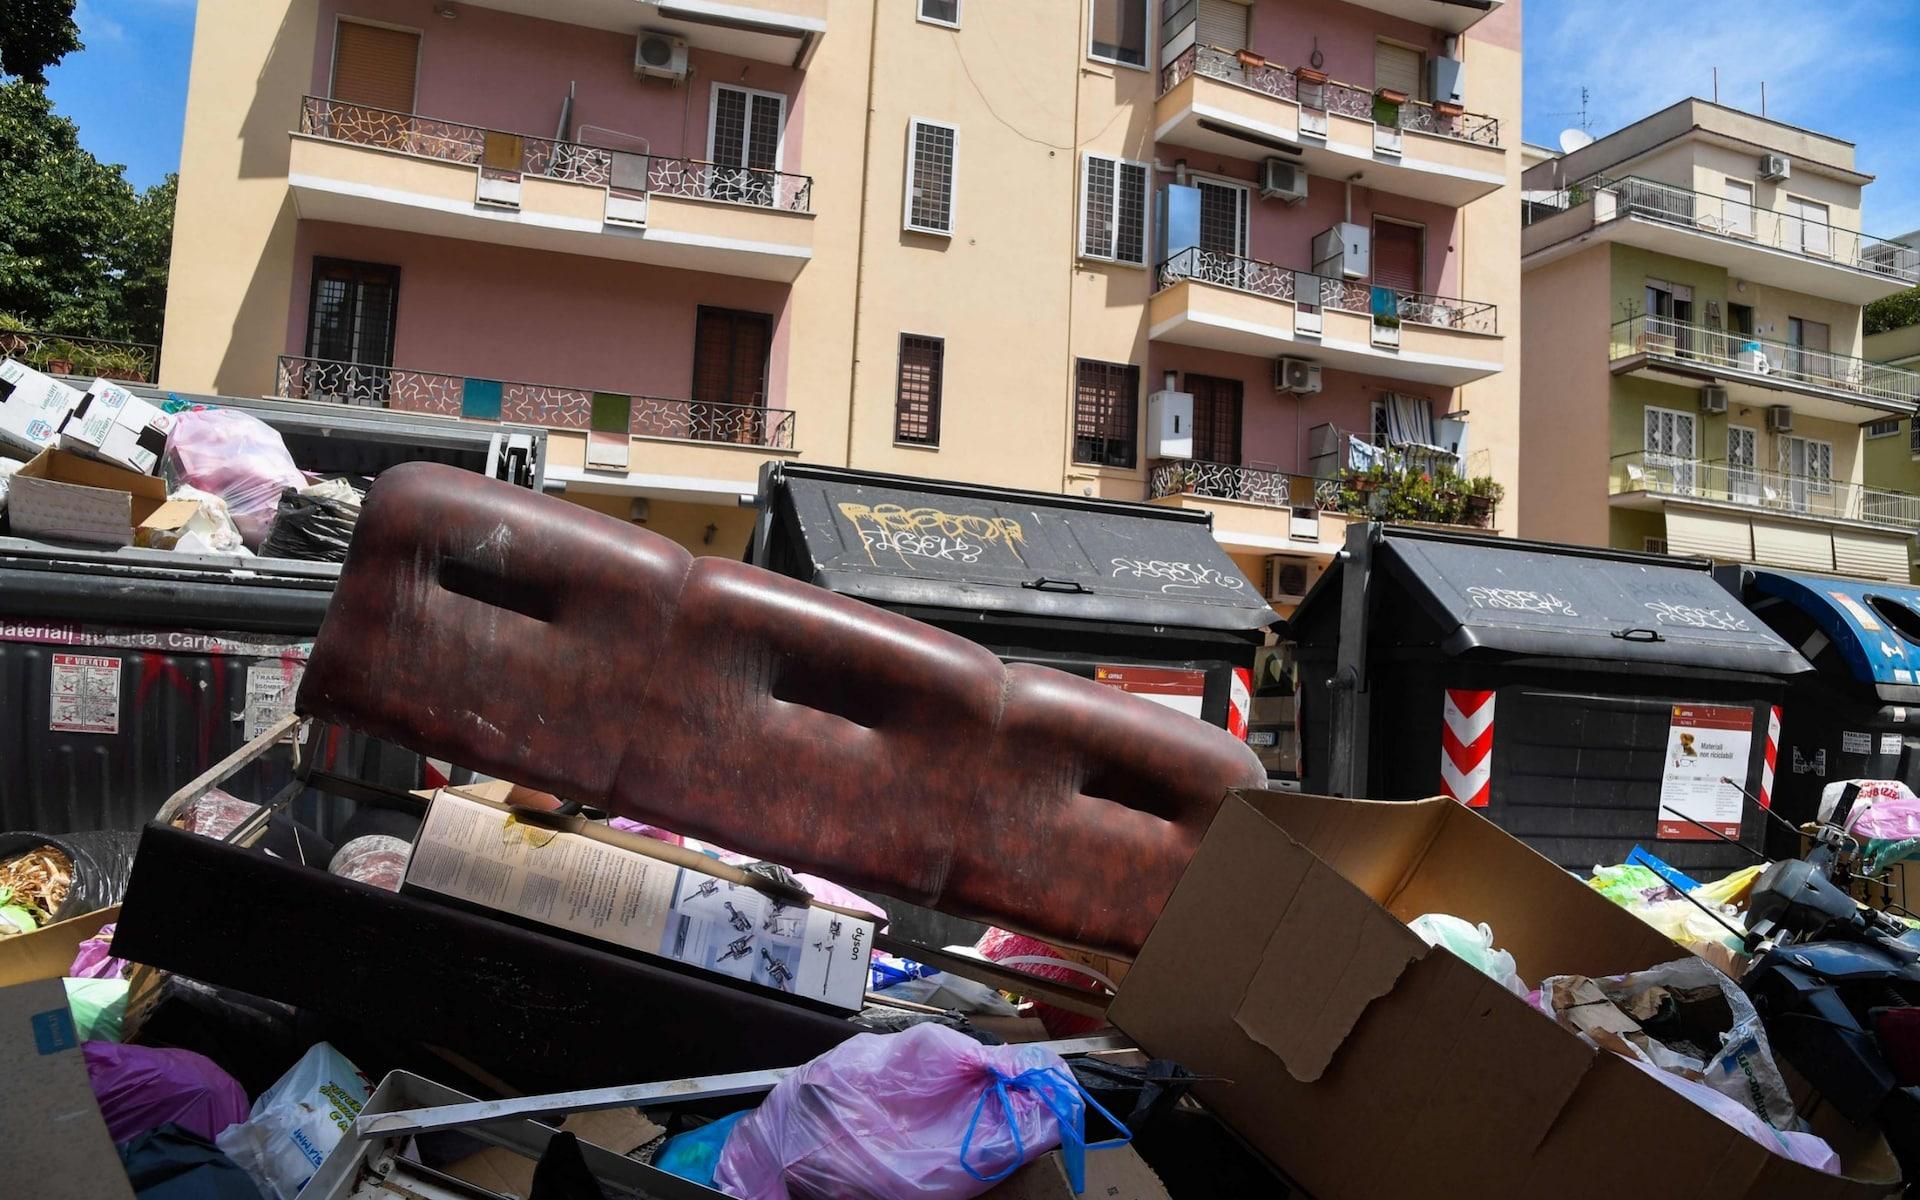 تصاویر روز: تجمع زباله در خیابانهای شهر رم تا تعمیر بخشهای آسیب دیده کلیسای نتردام در فرانسه